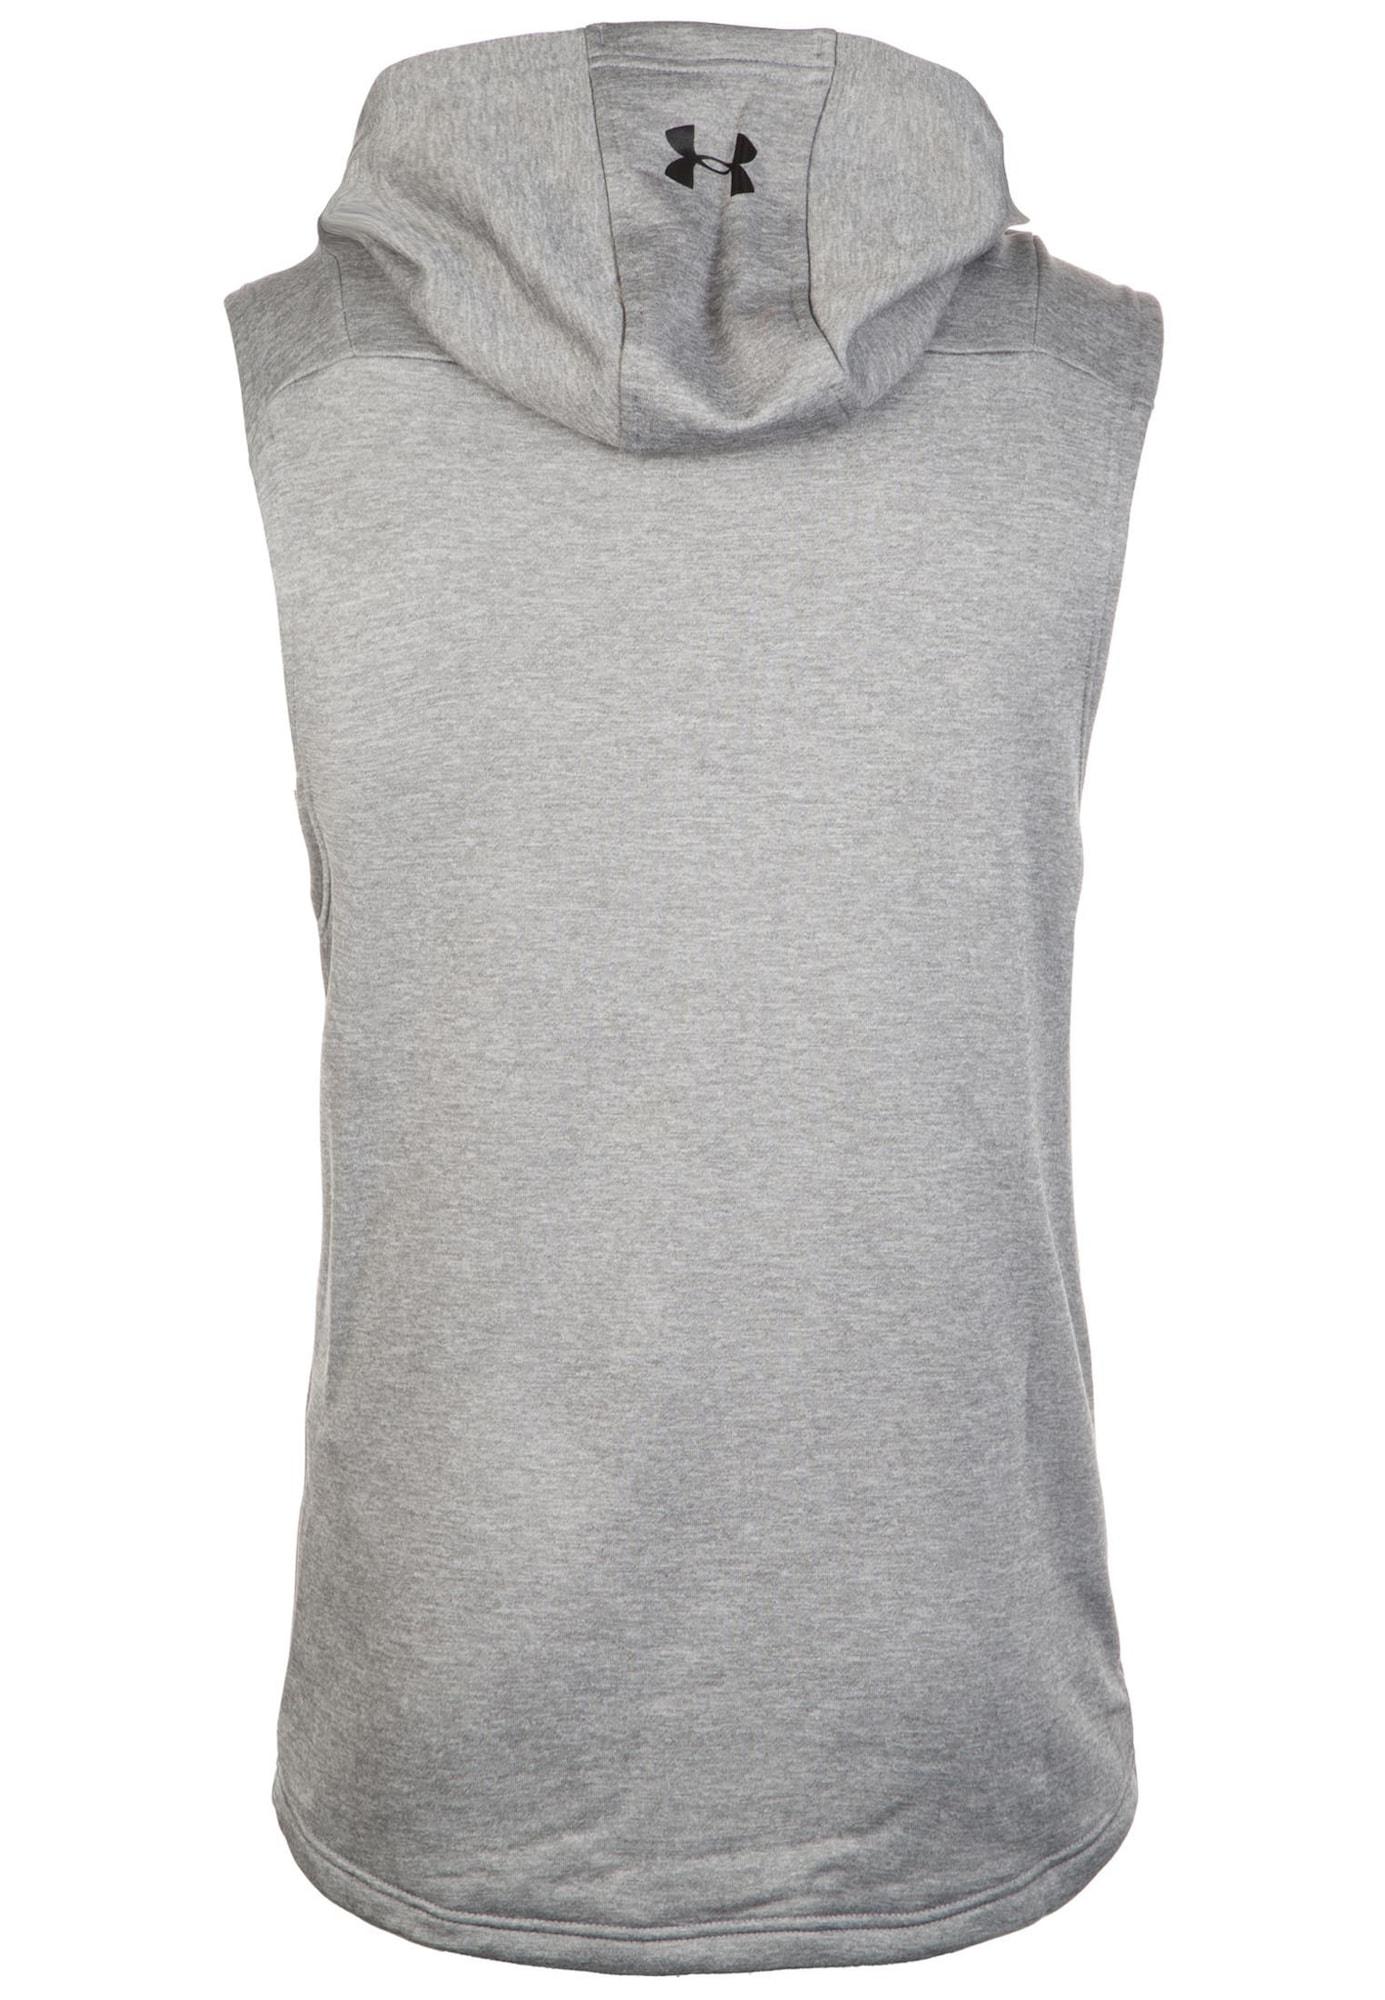 Sportsweatshirt 'ColdGear MK-1 Terry'